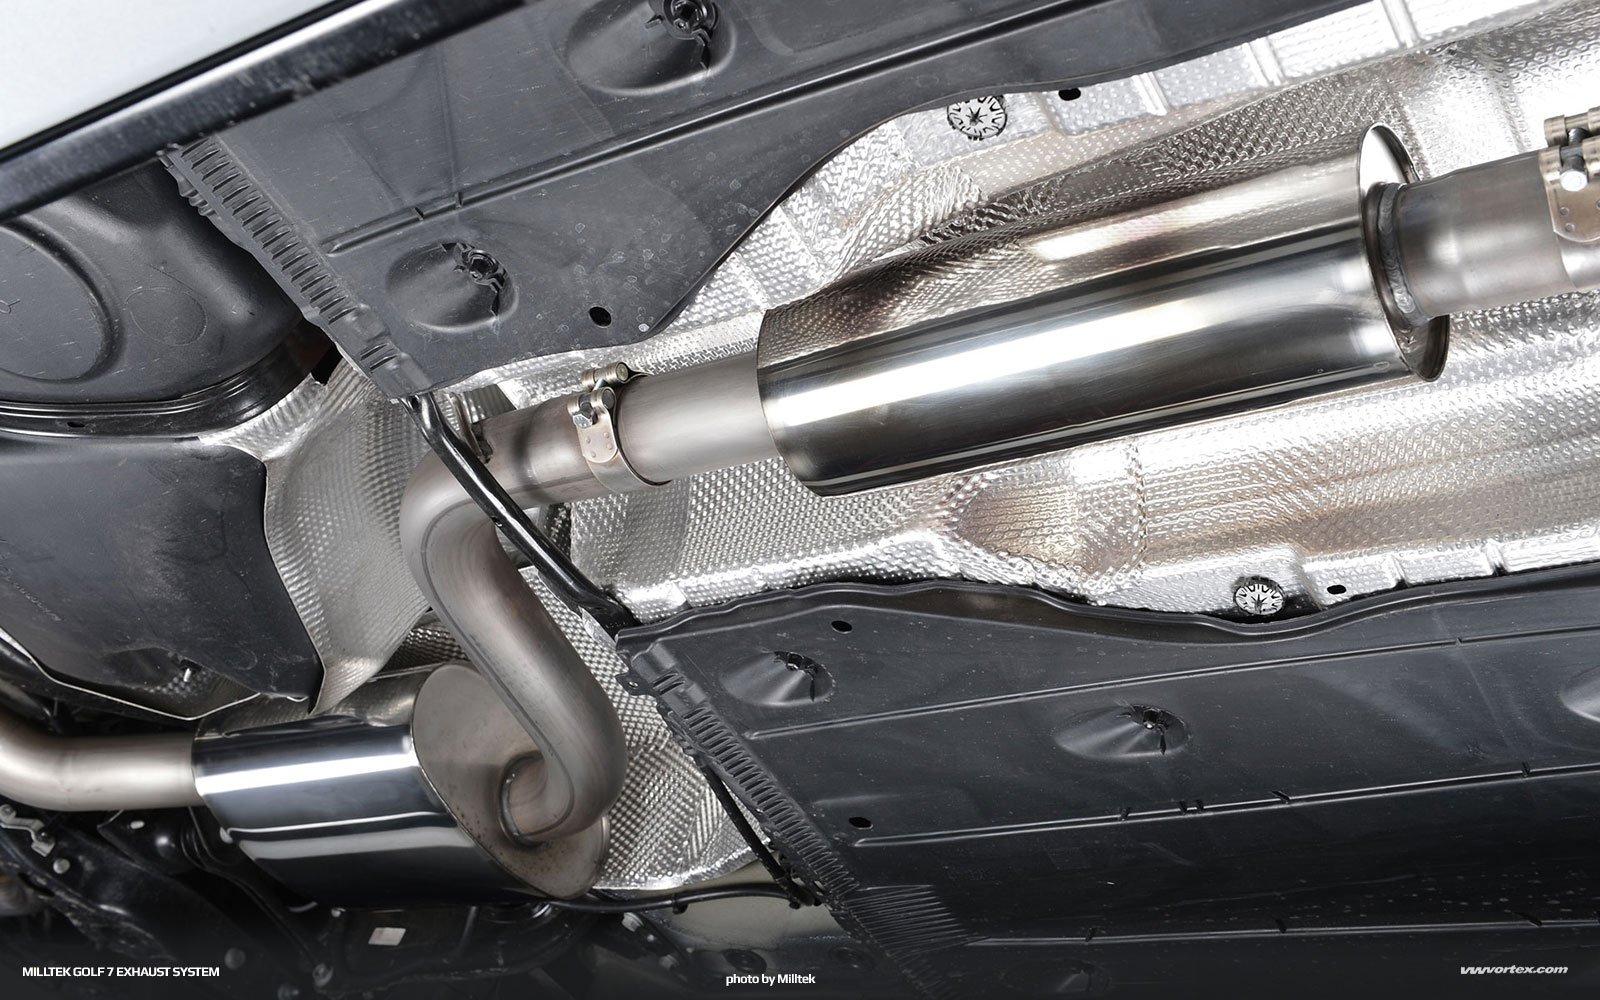 Milltek-GTI-7-exhaust-2